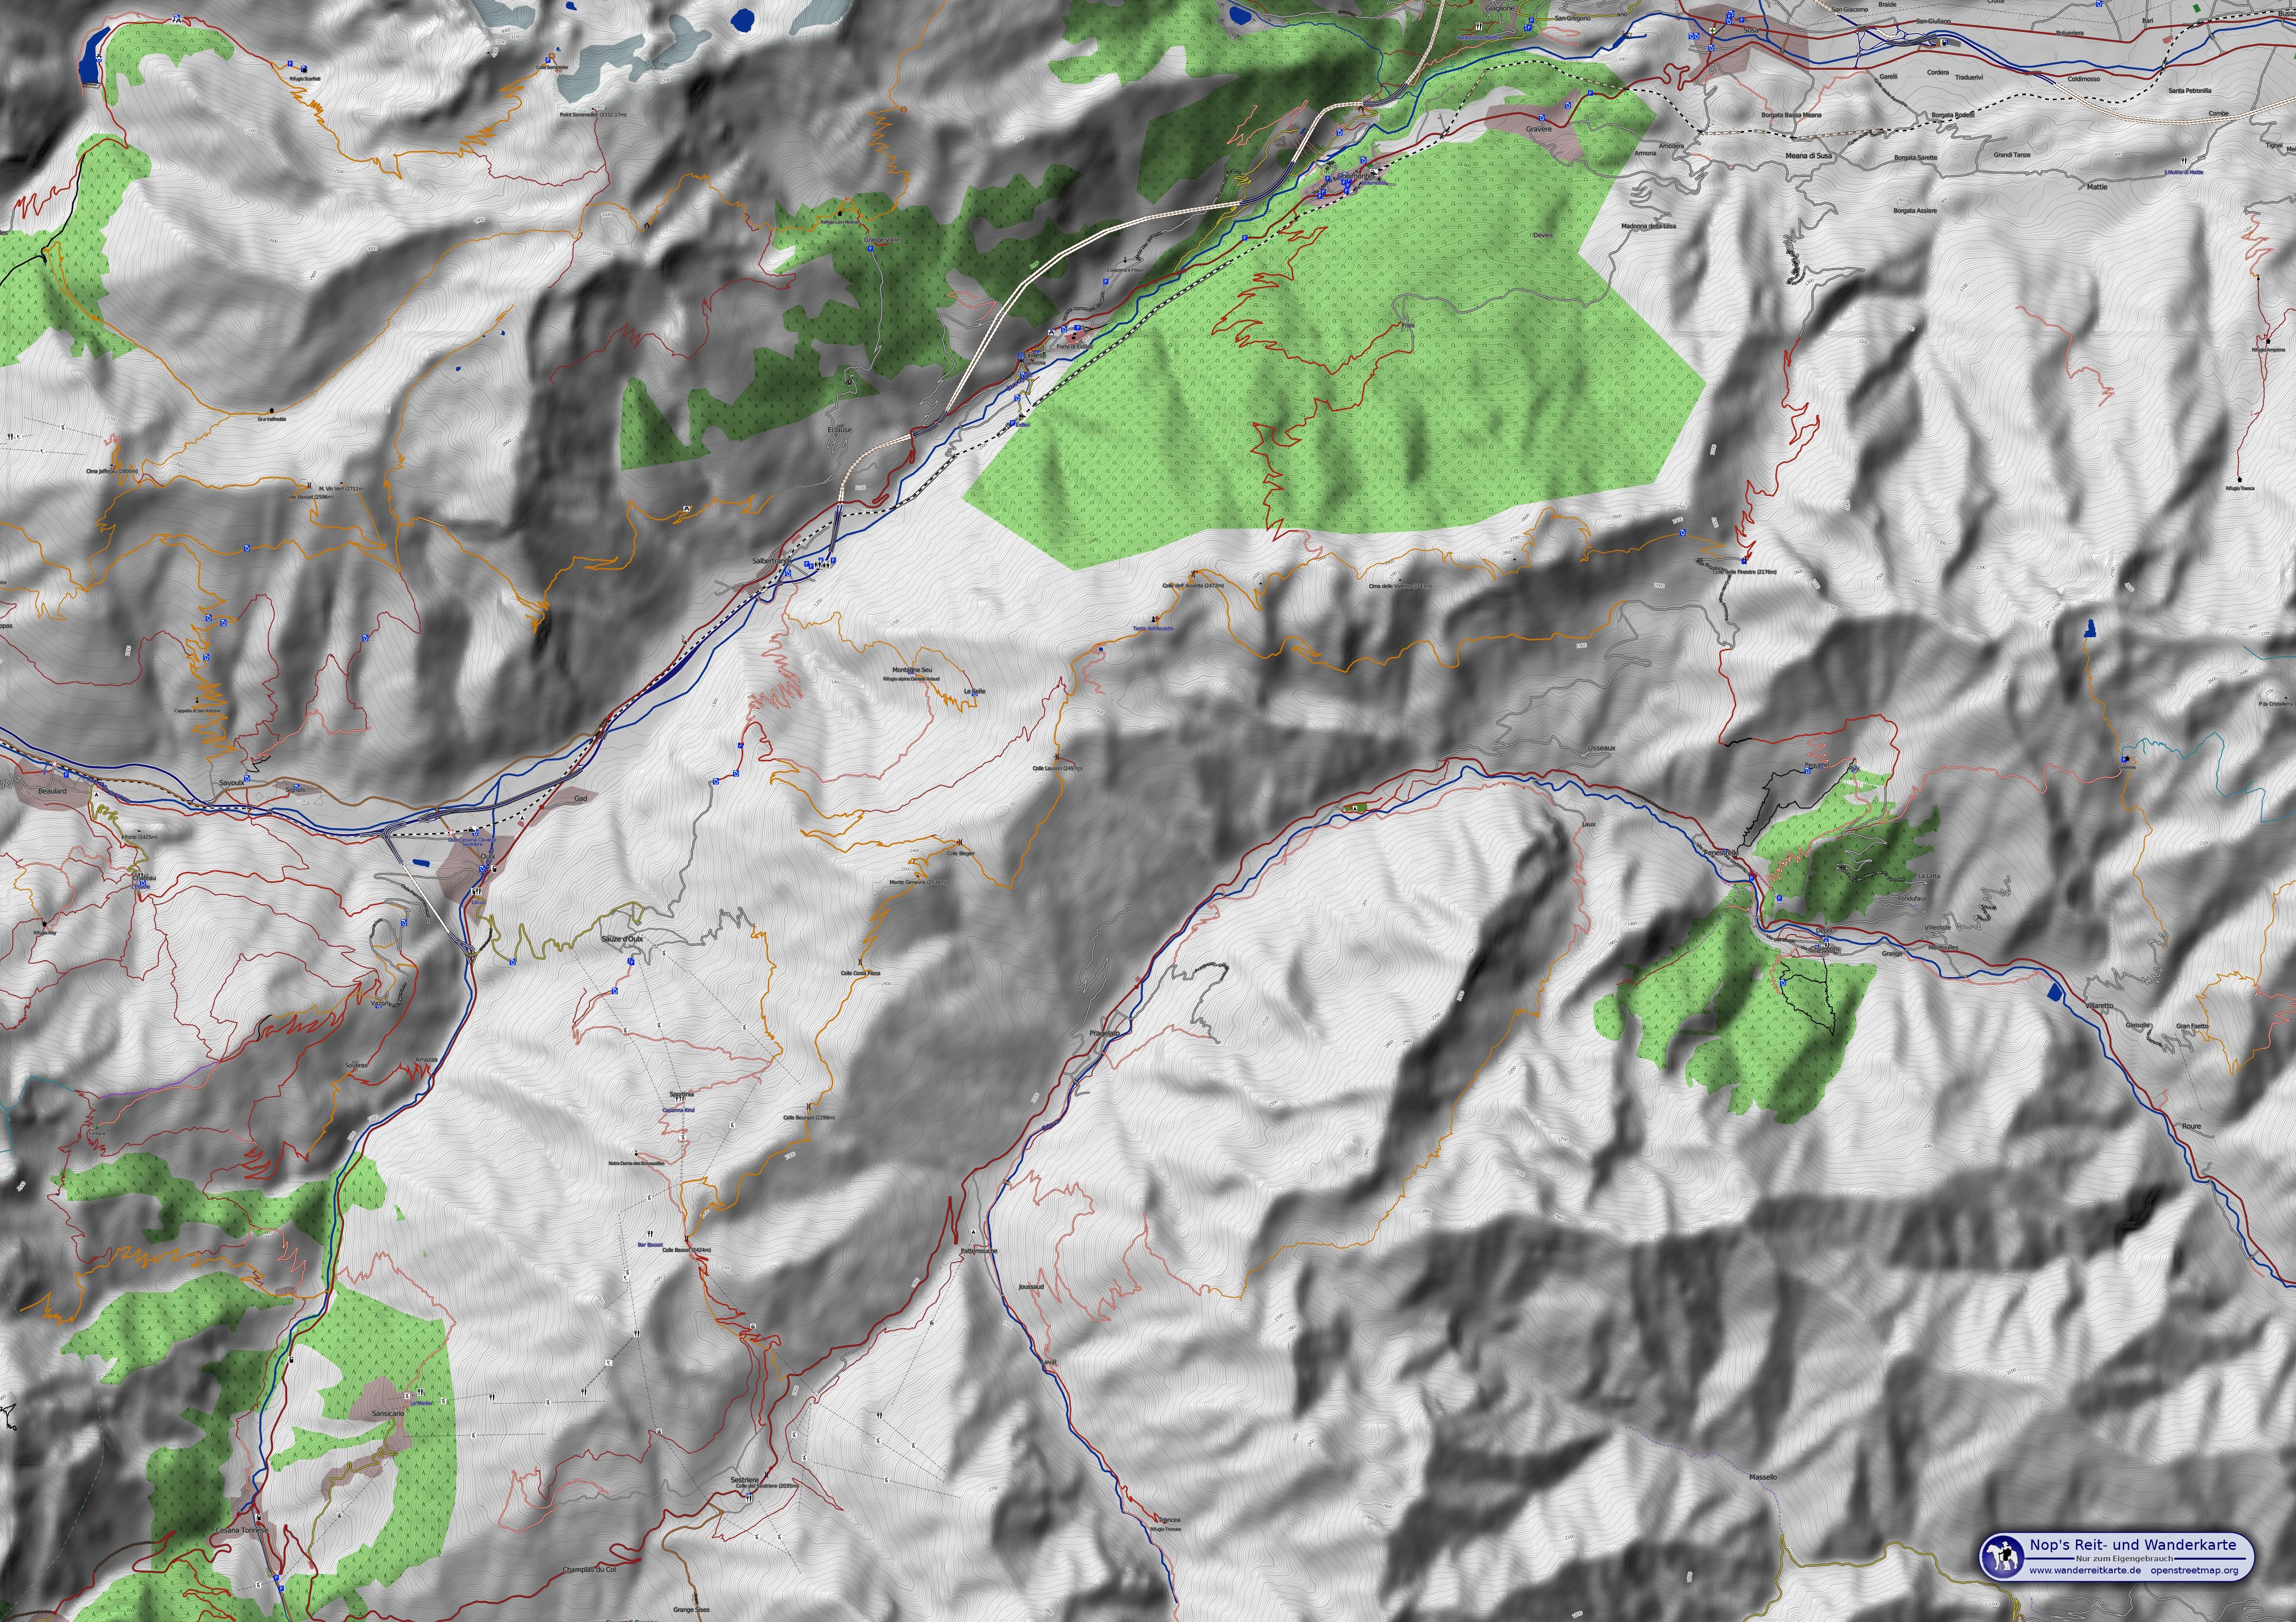 osm wanderkarte Topografische Karte: Reit  und Wanderkarte   Friedberts  osm wanderkarte